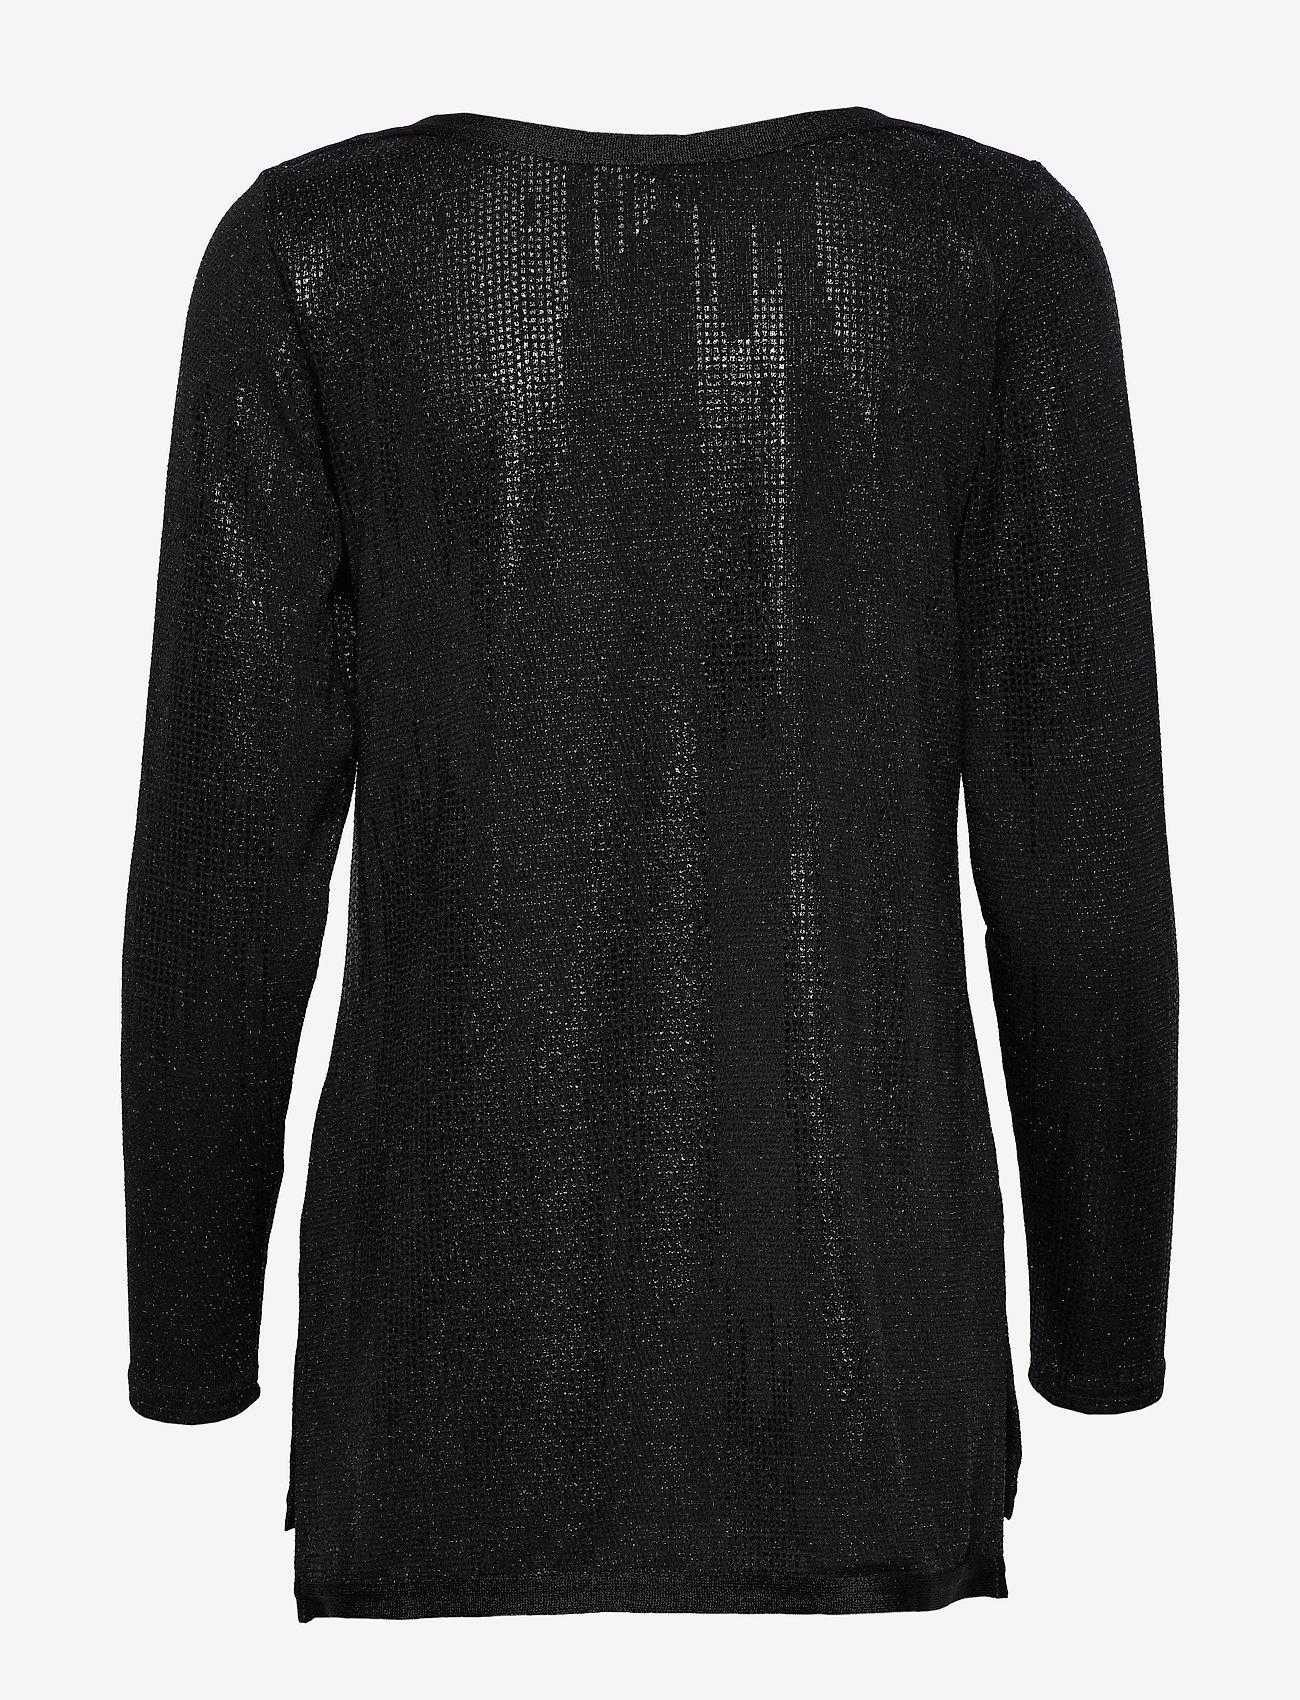 Ilse Jacobsen - BLOUSE - blouses à manches longues - black - 1